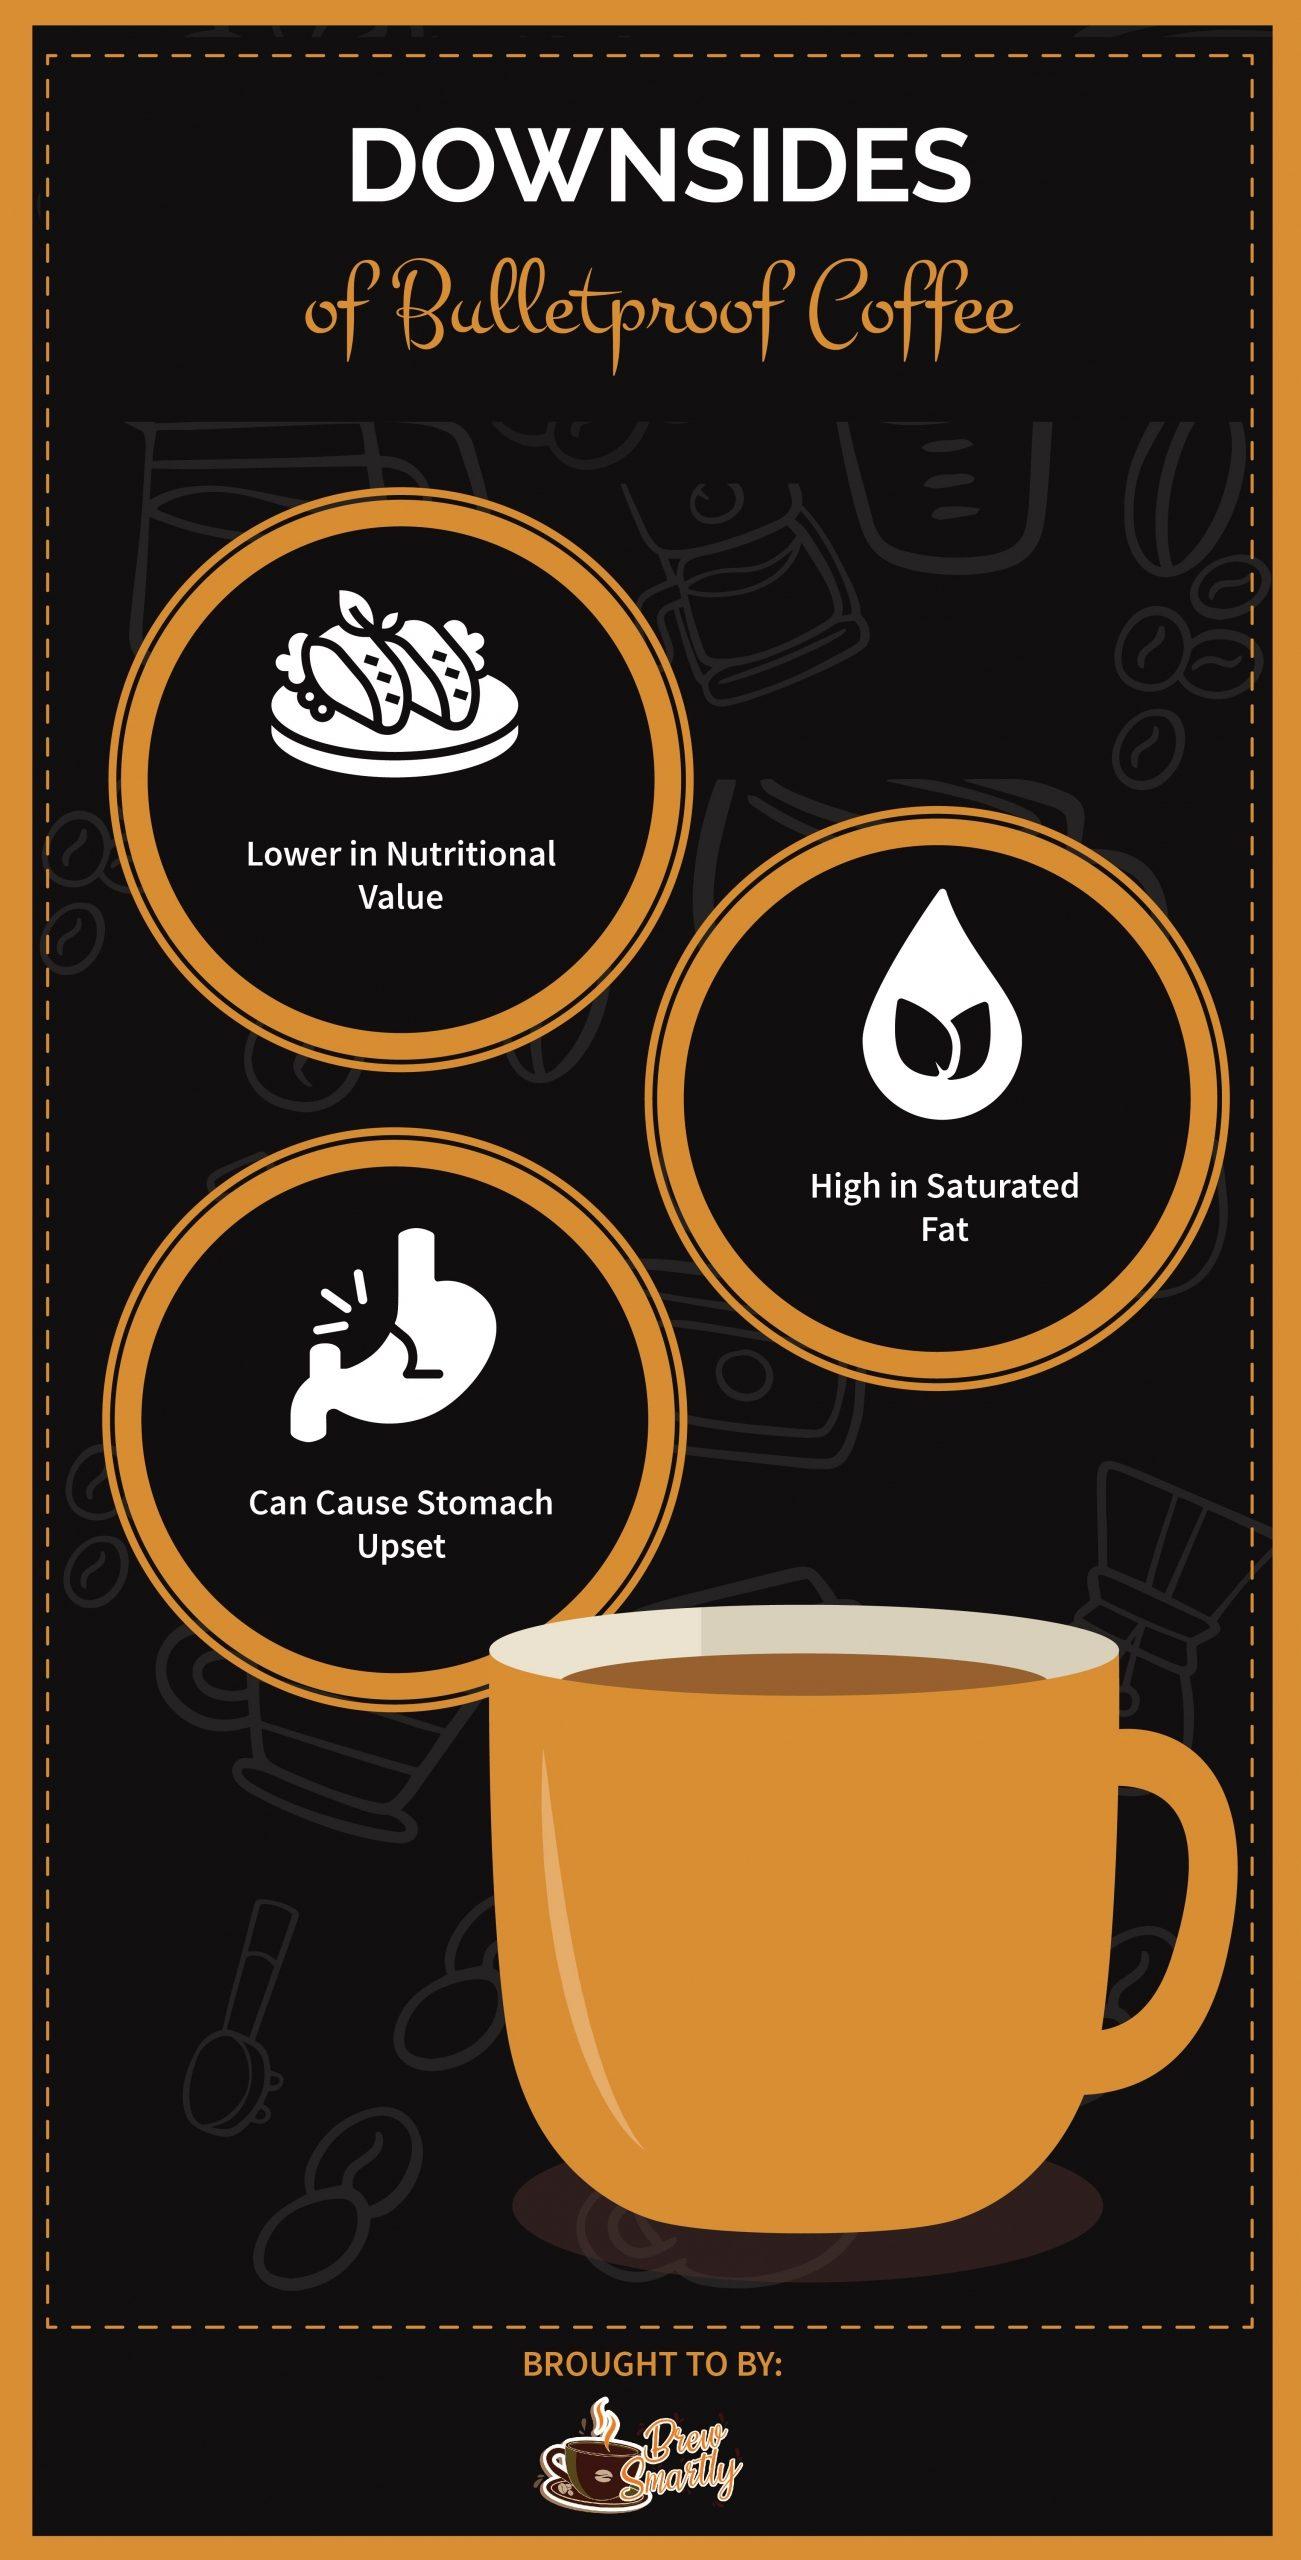 Drawbacks of Bulletproof Coffee